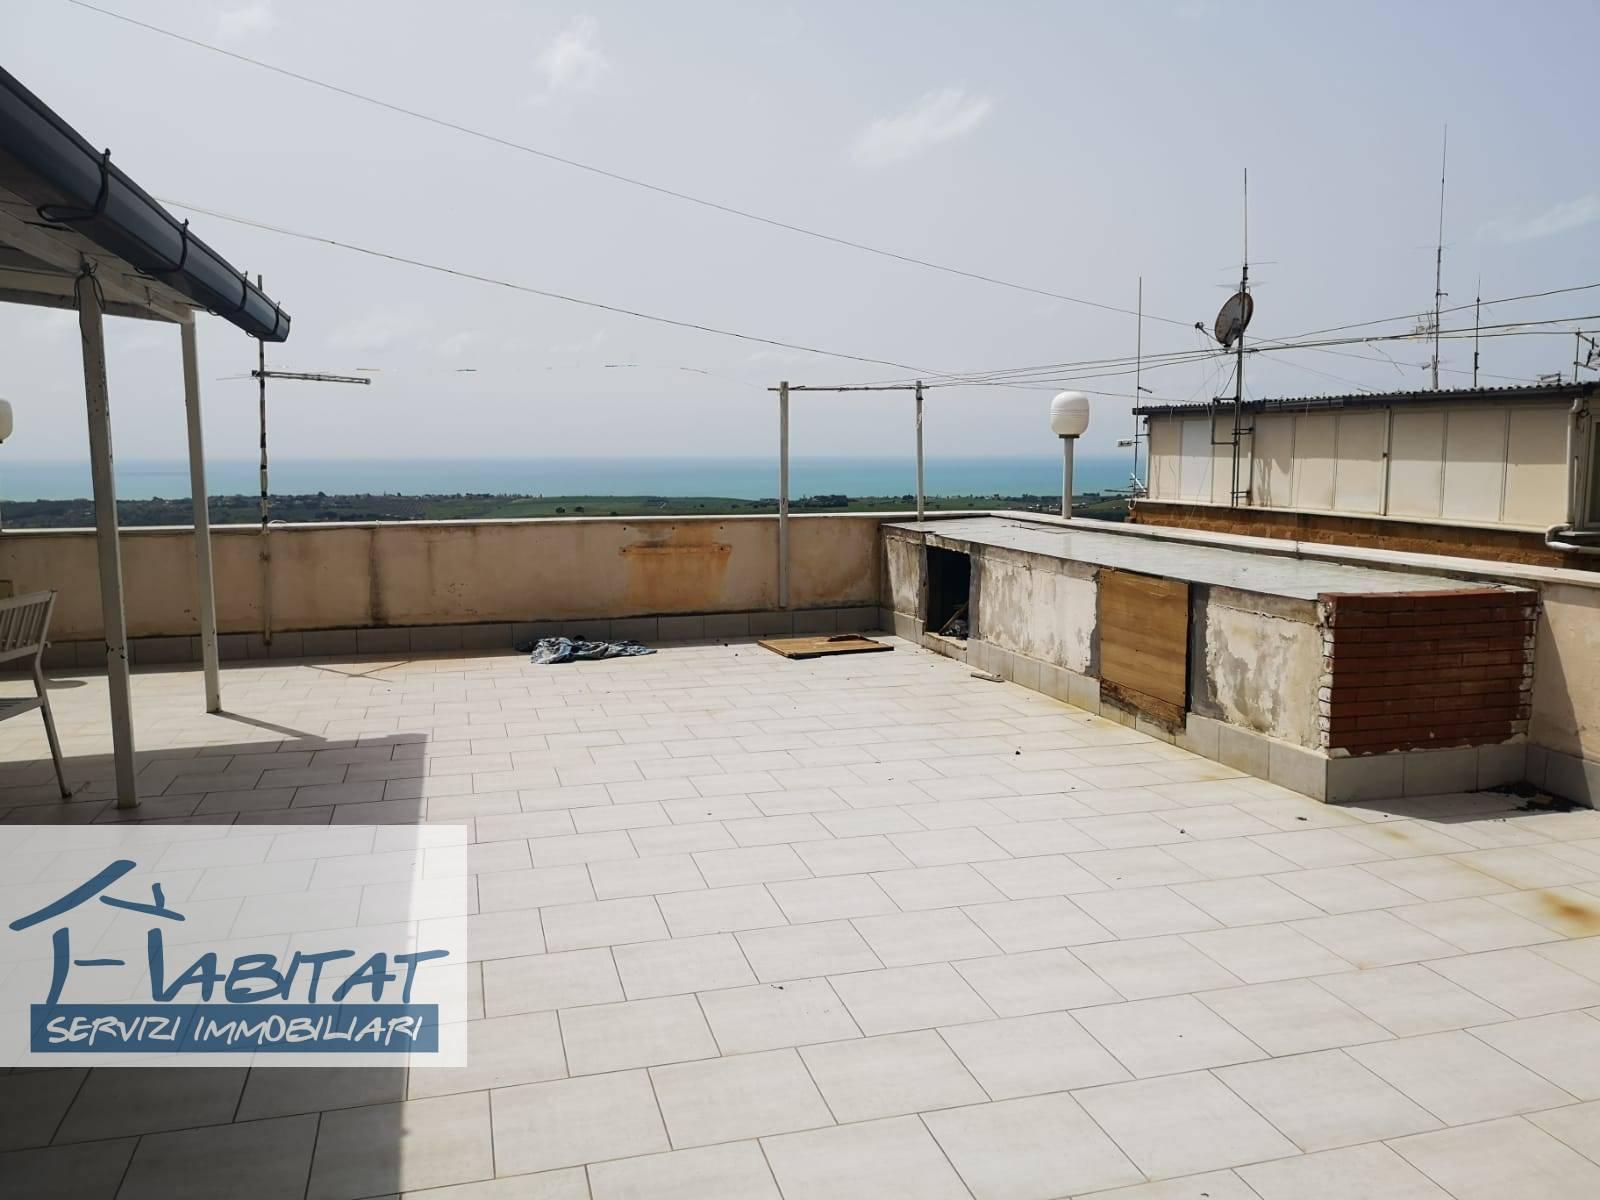 Appartamento in vendita a Agrigento, 5 locali, zona Località: CampoSportivo, prezzo € 65.000 | PortaleAgenzieImmobiliari.it